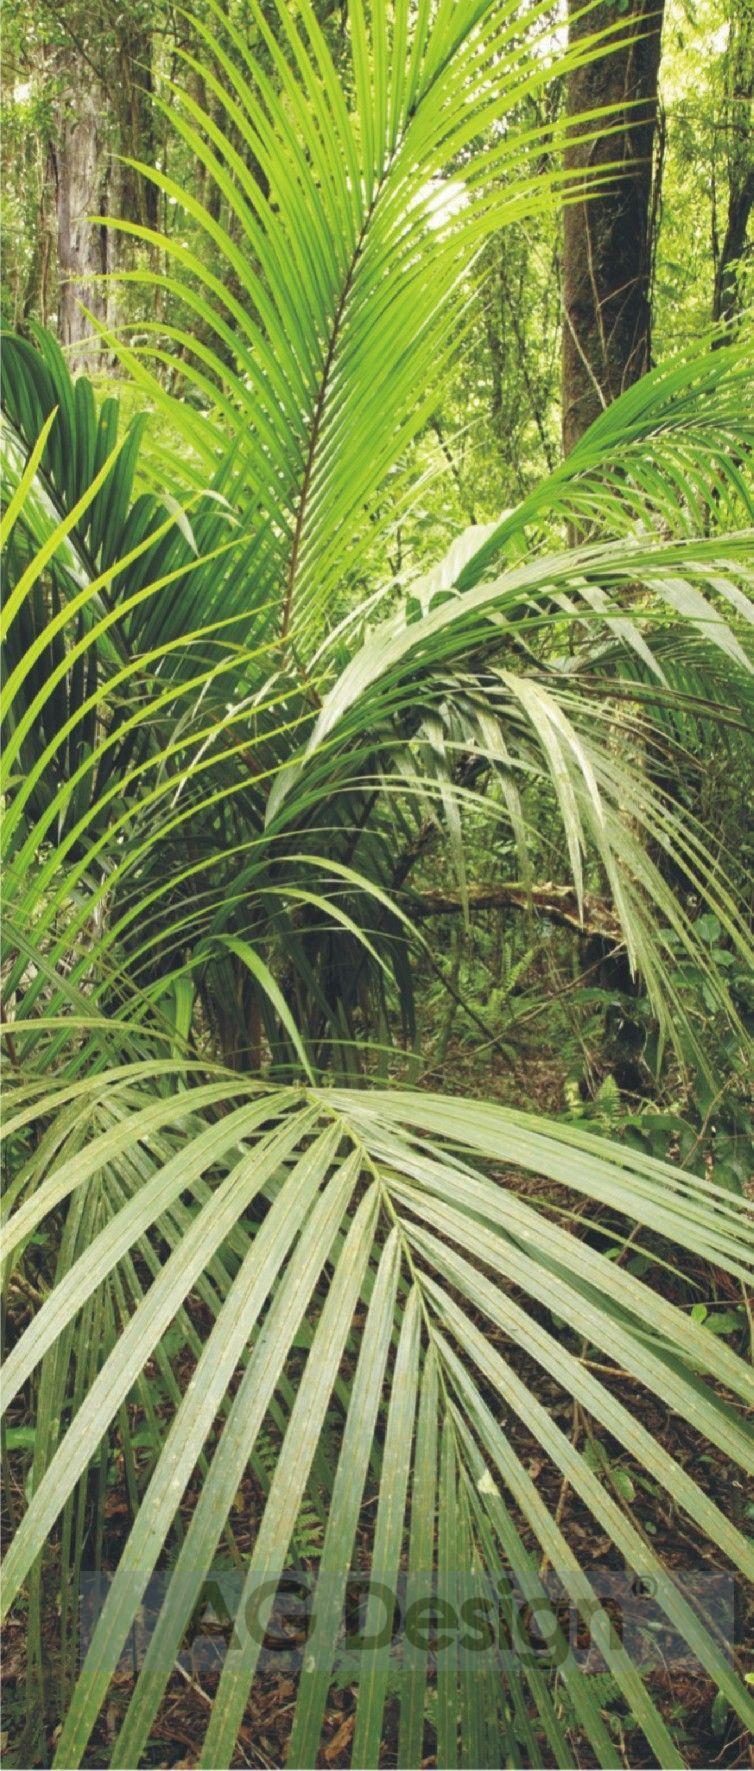 Fototapeta jednodílná - palma